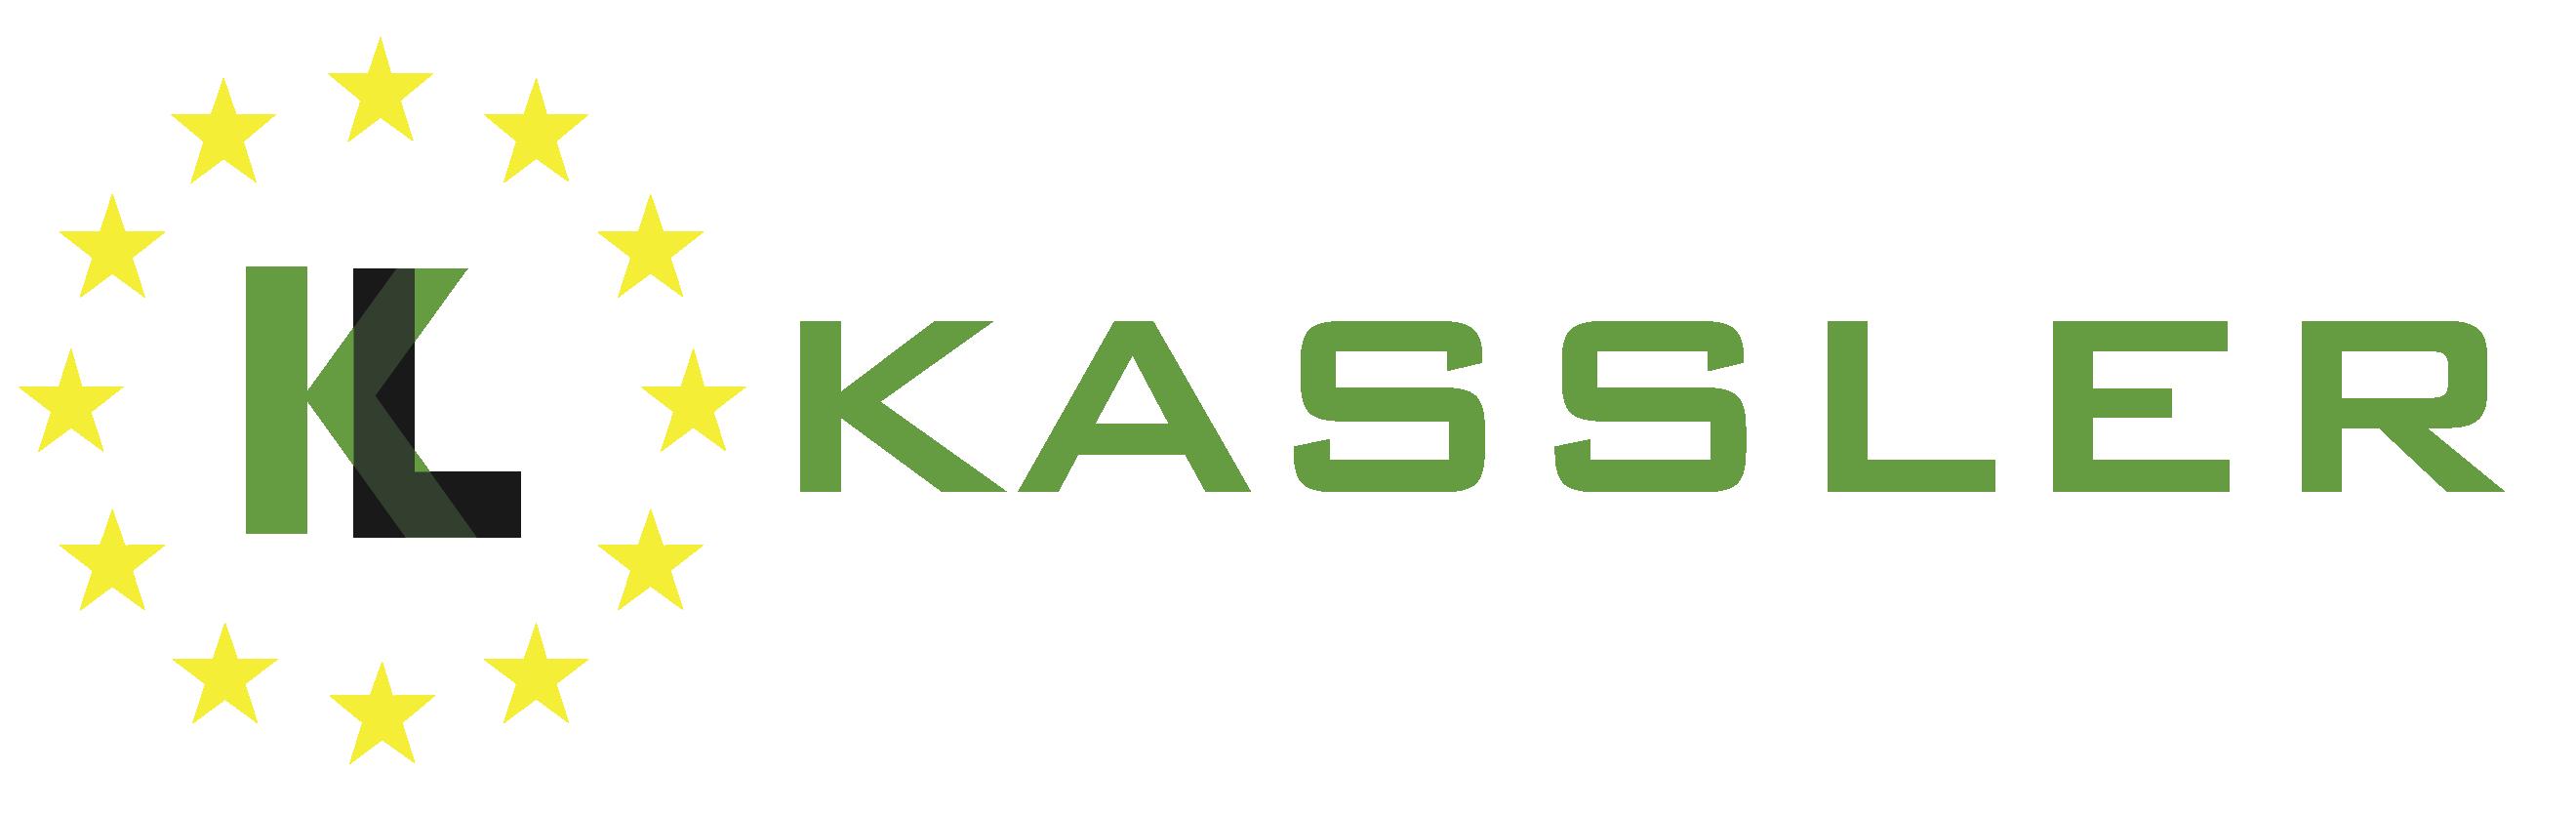 KASSLER